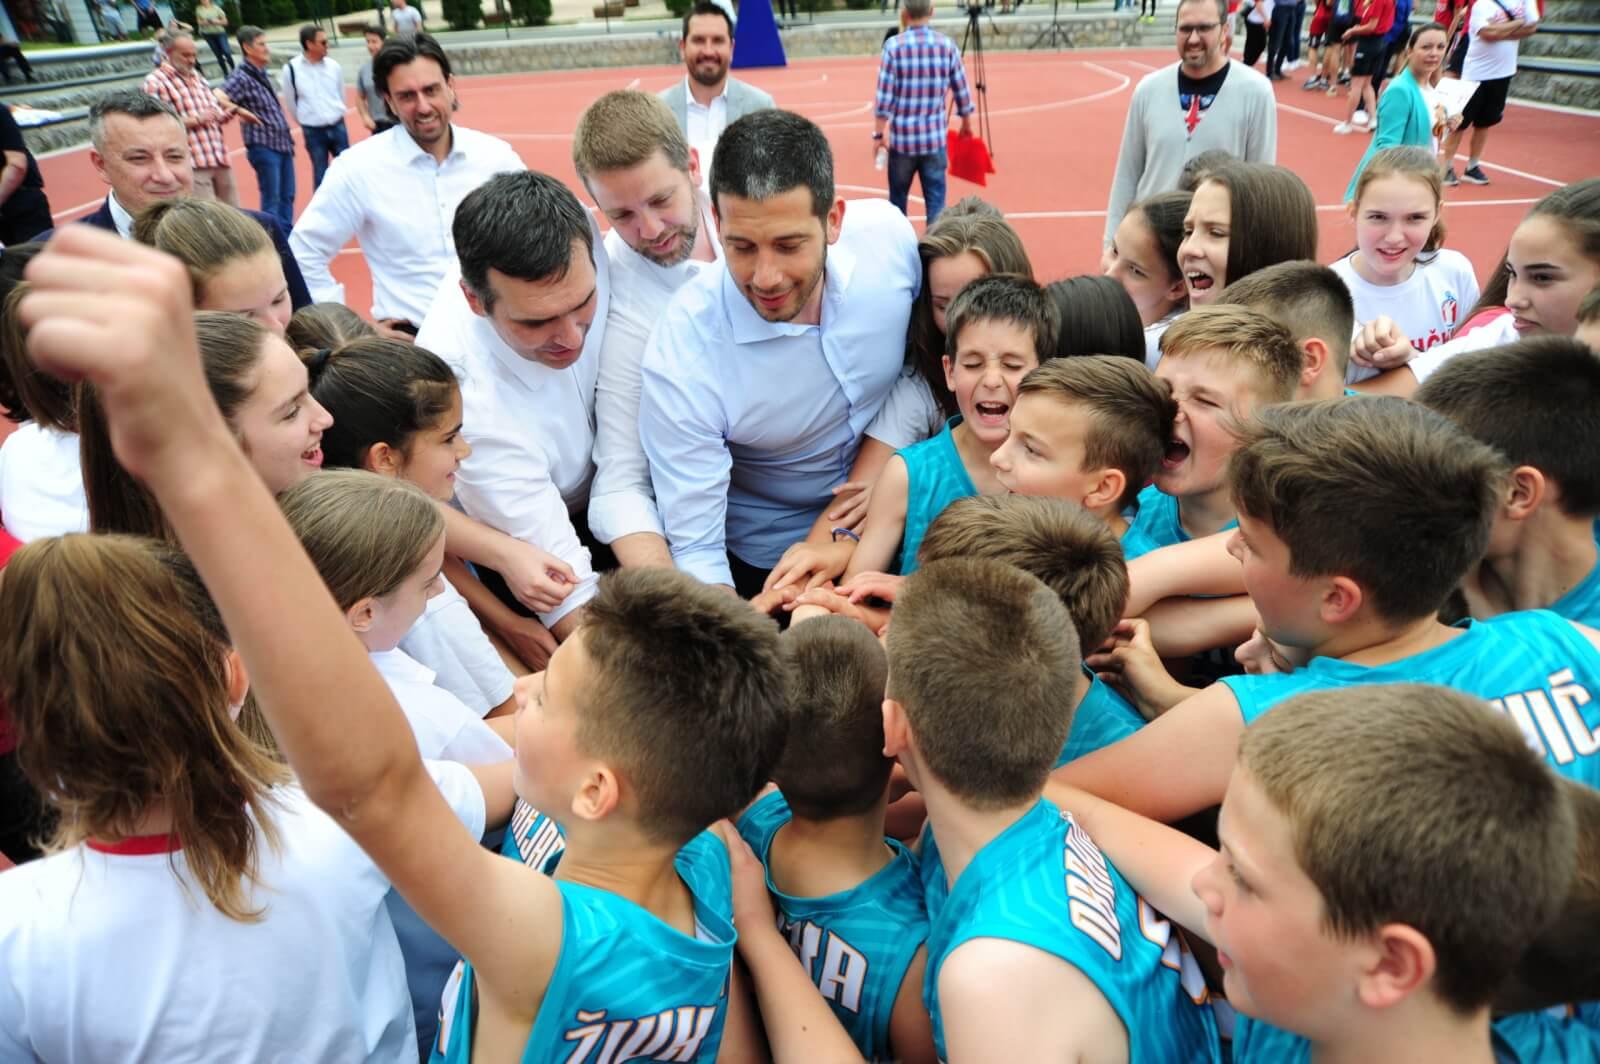 Ministar Udovičić otvorio košarkaški teren u Velikom parku